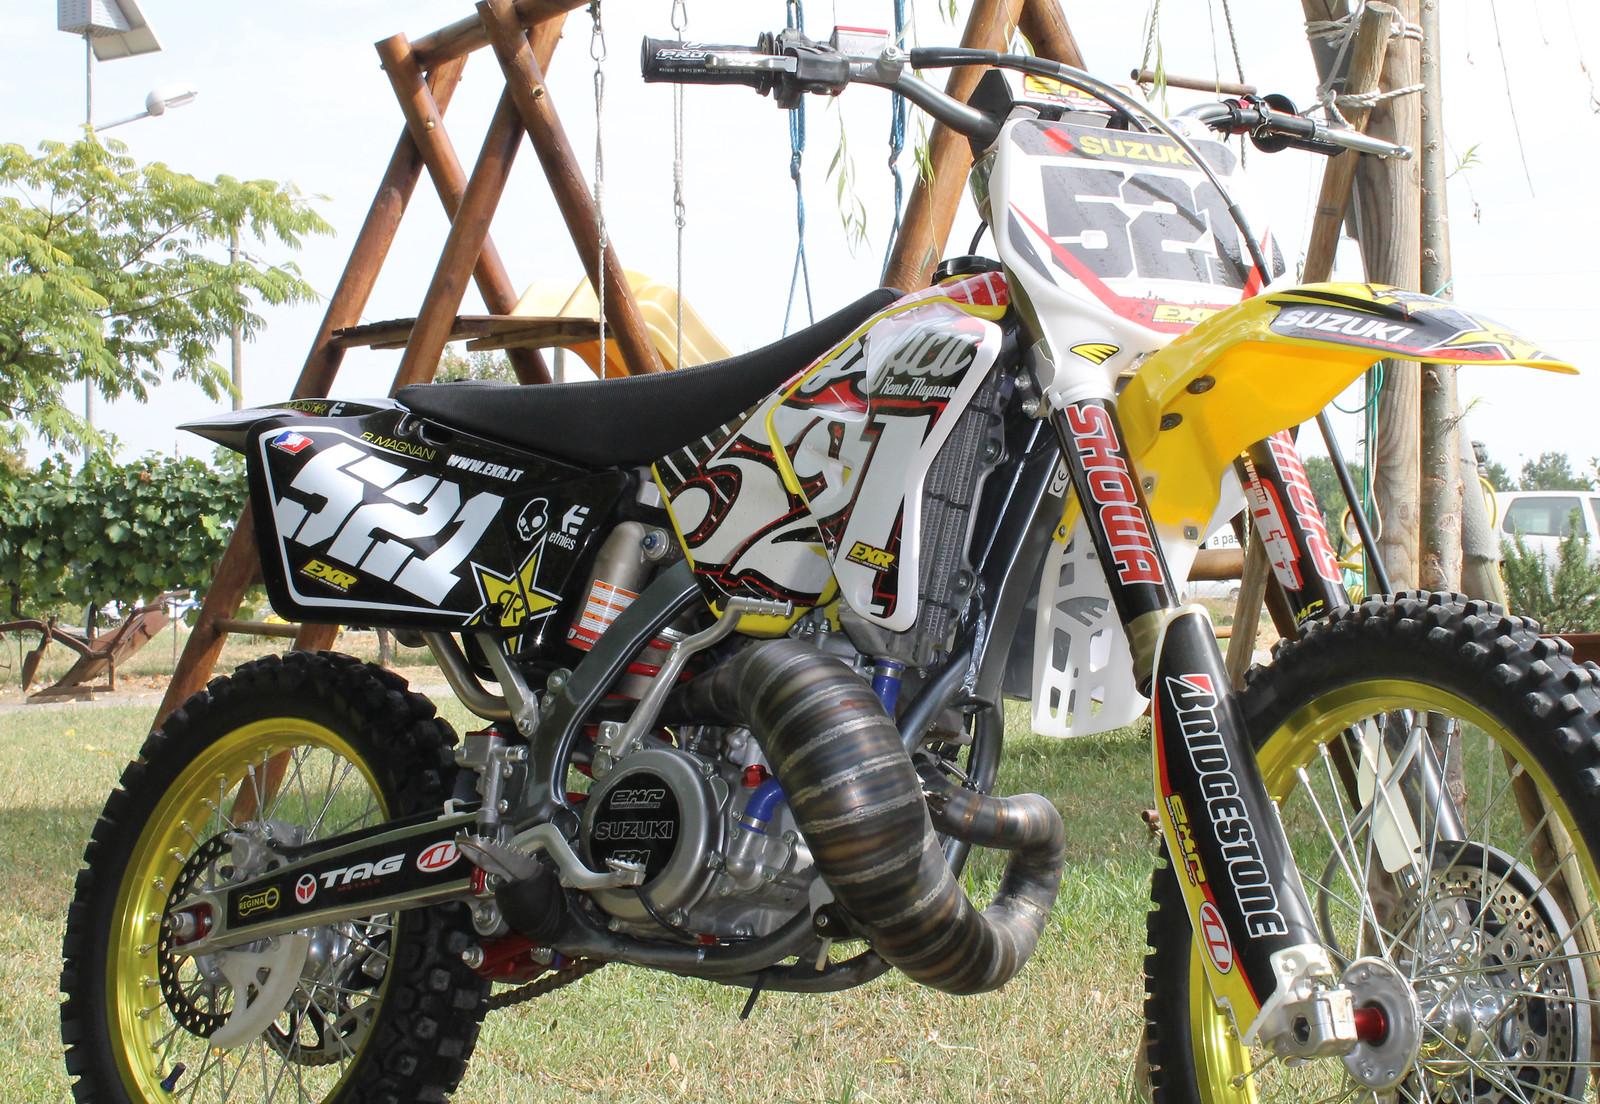 suzuki settembre 2011 - effettoxtremo - Motocross Pictures - Vital MX